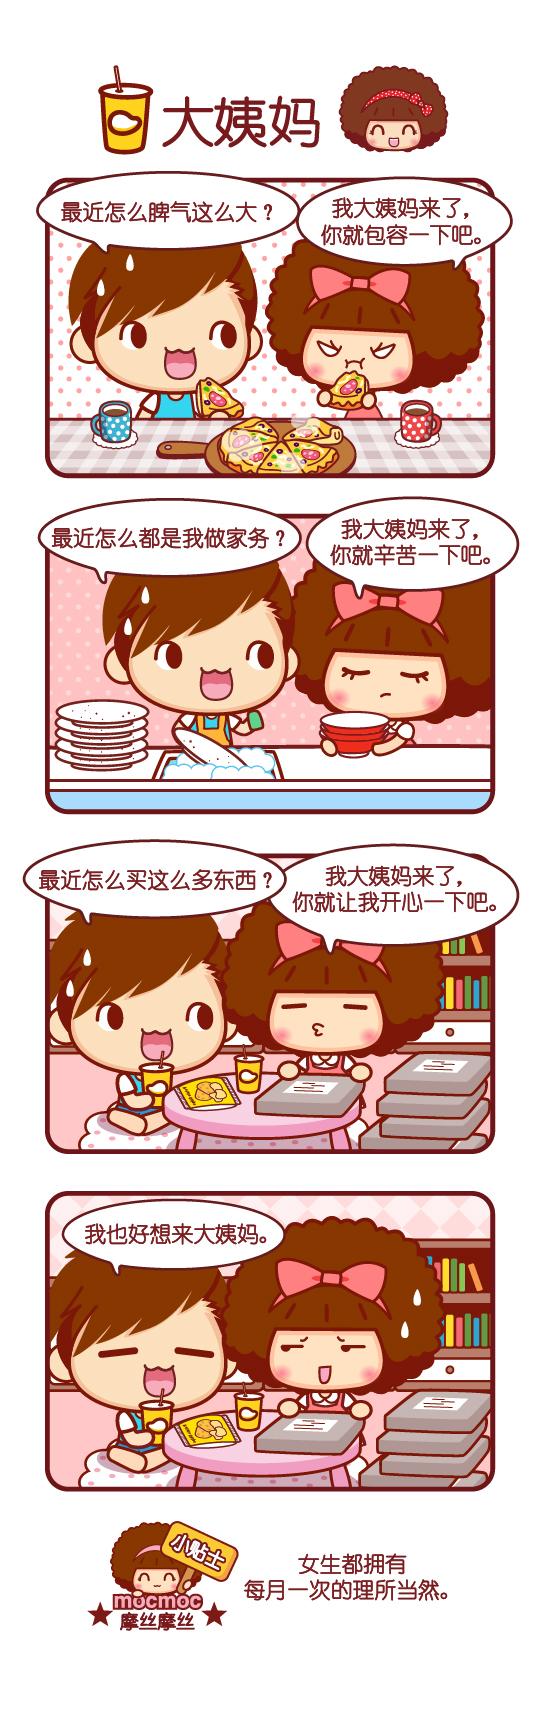 摩丝摩丝漫画~6月